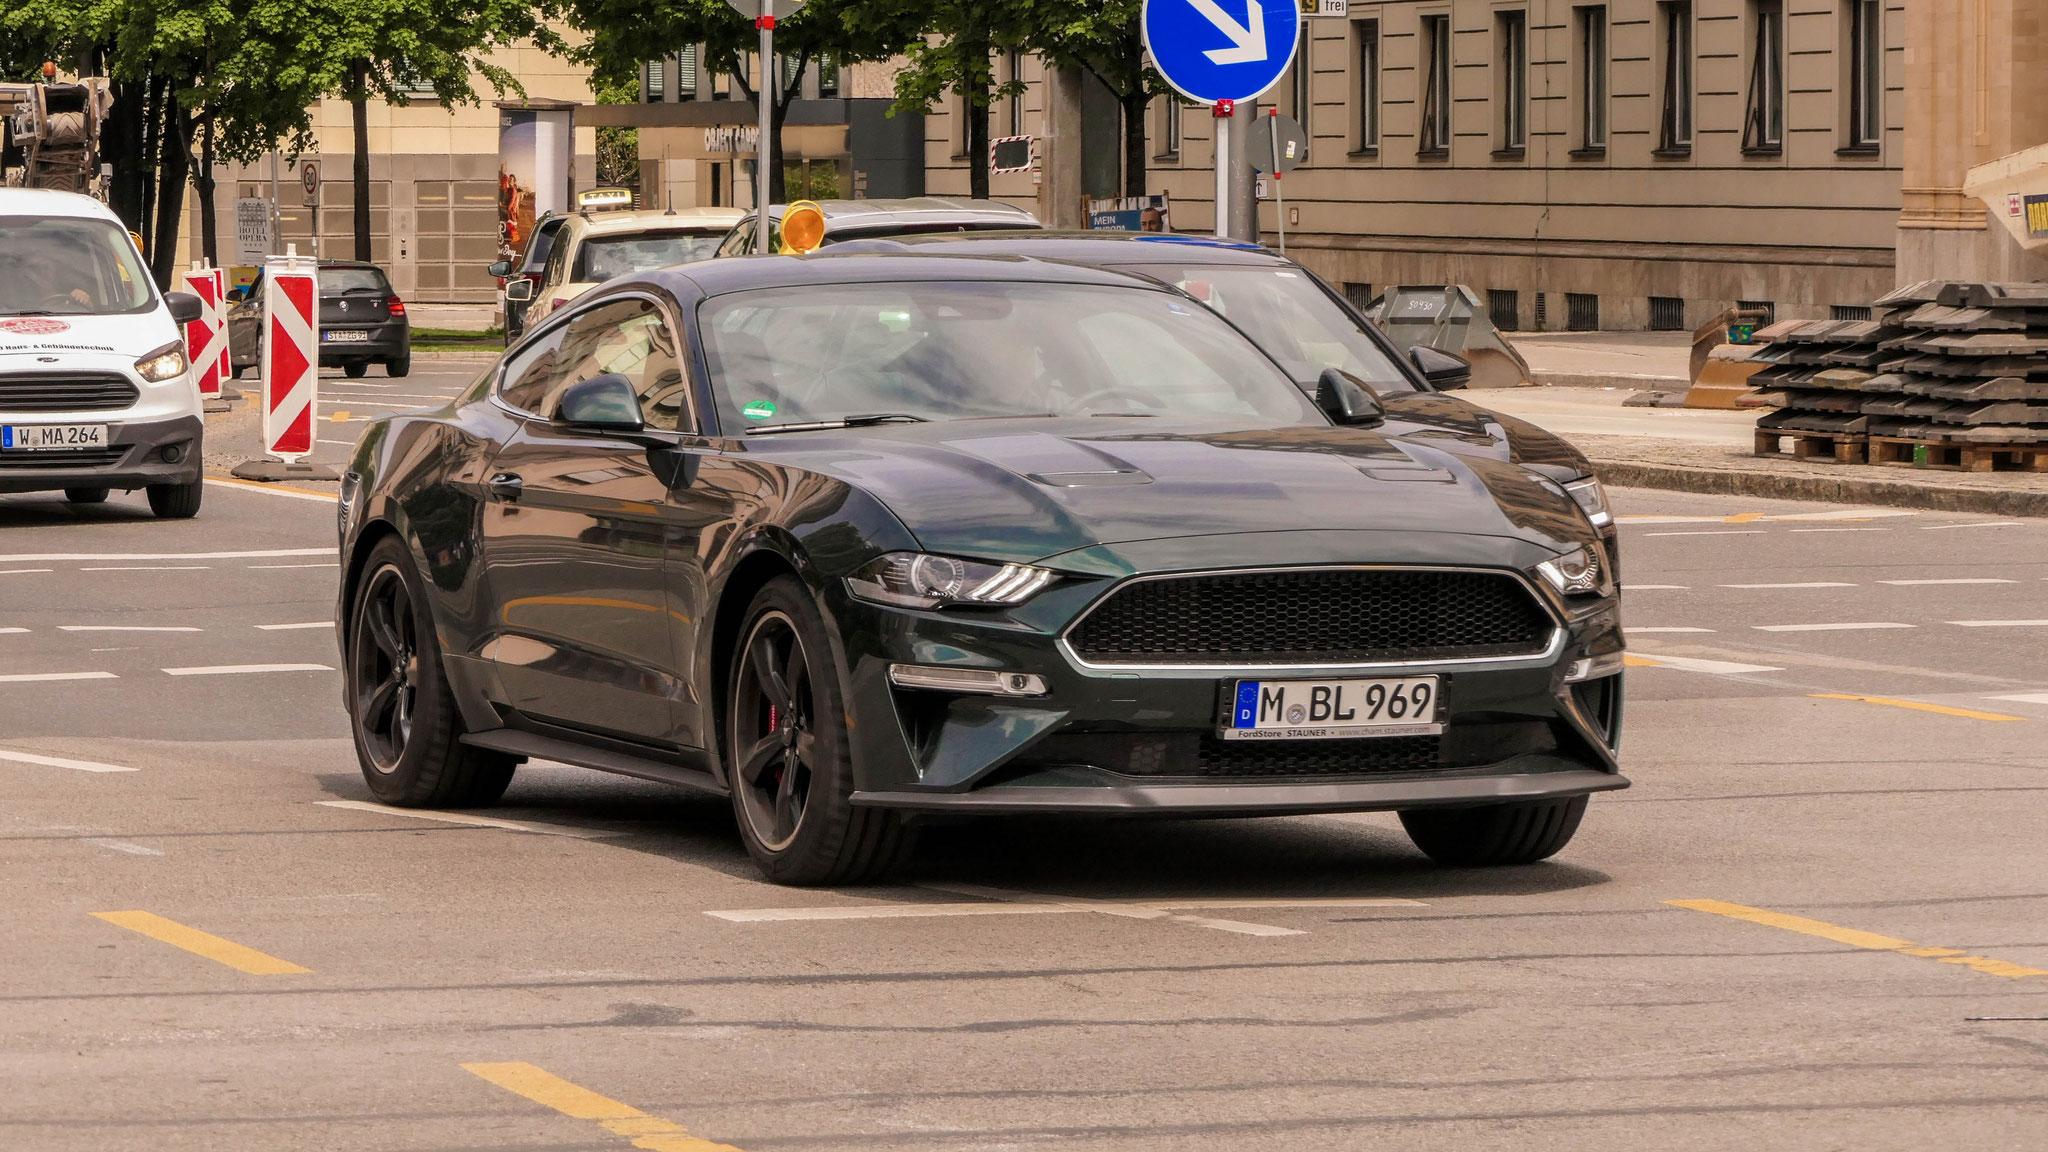 Ford Mustang Bullitt - M-BL-969